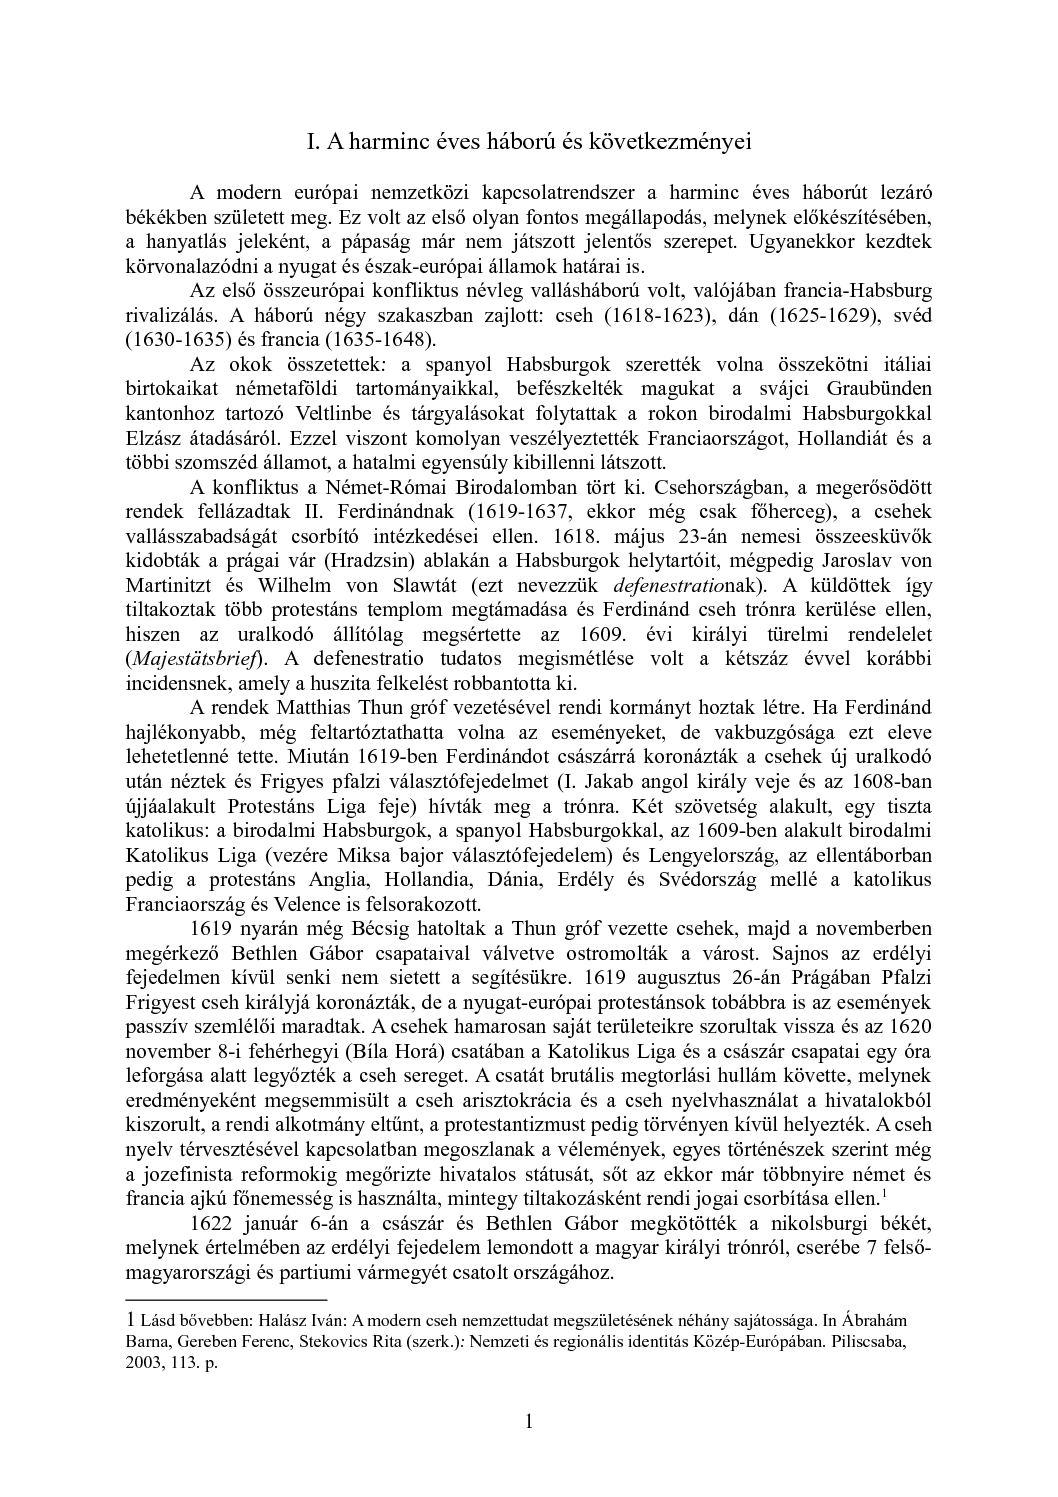 HADTÖRTÉNELMI KÖZLEMÉNYEK - PDF Free Download